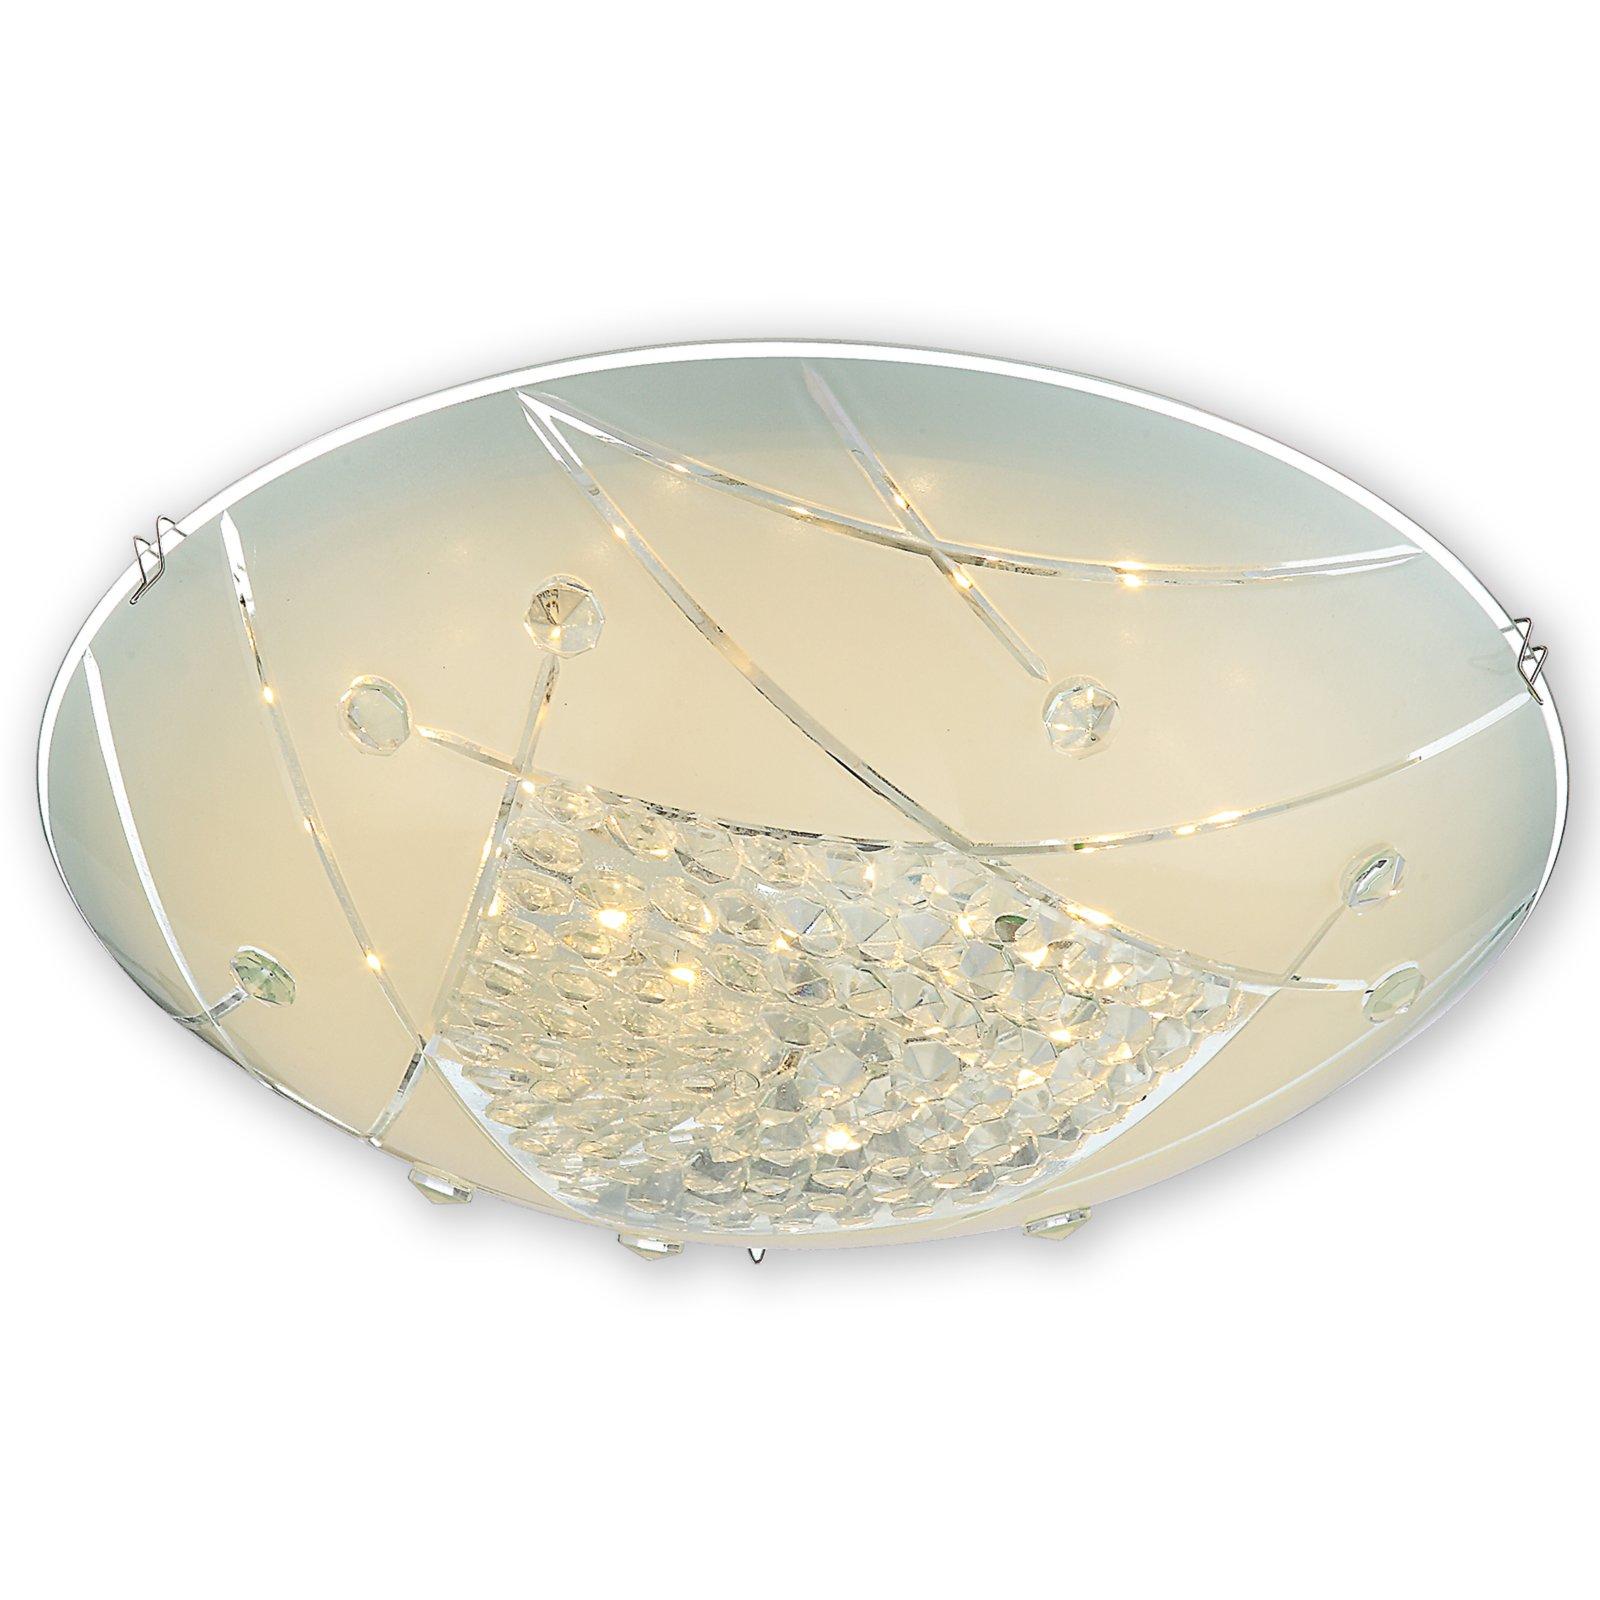 Led deckenleuchte elisa glas mit dekorkristallen led for Deckenleuchte glas